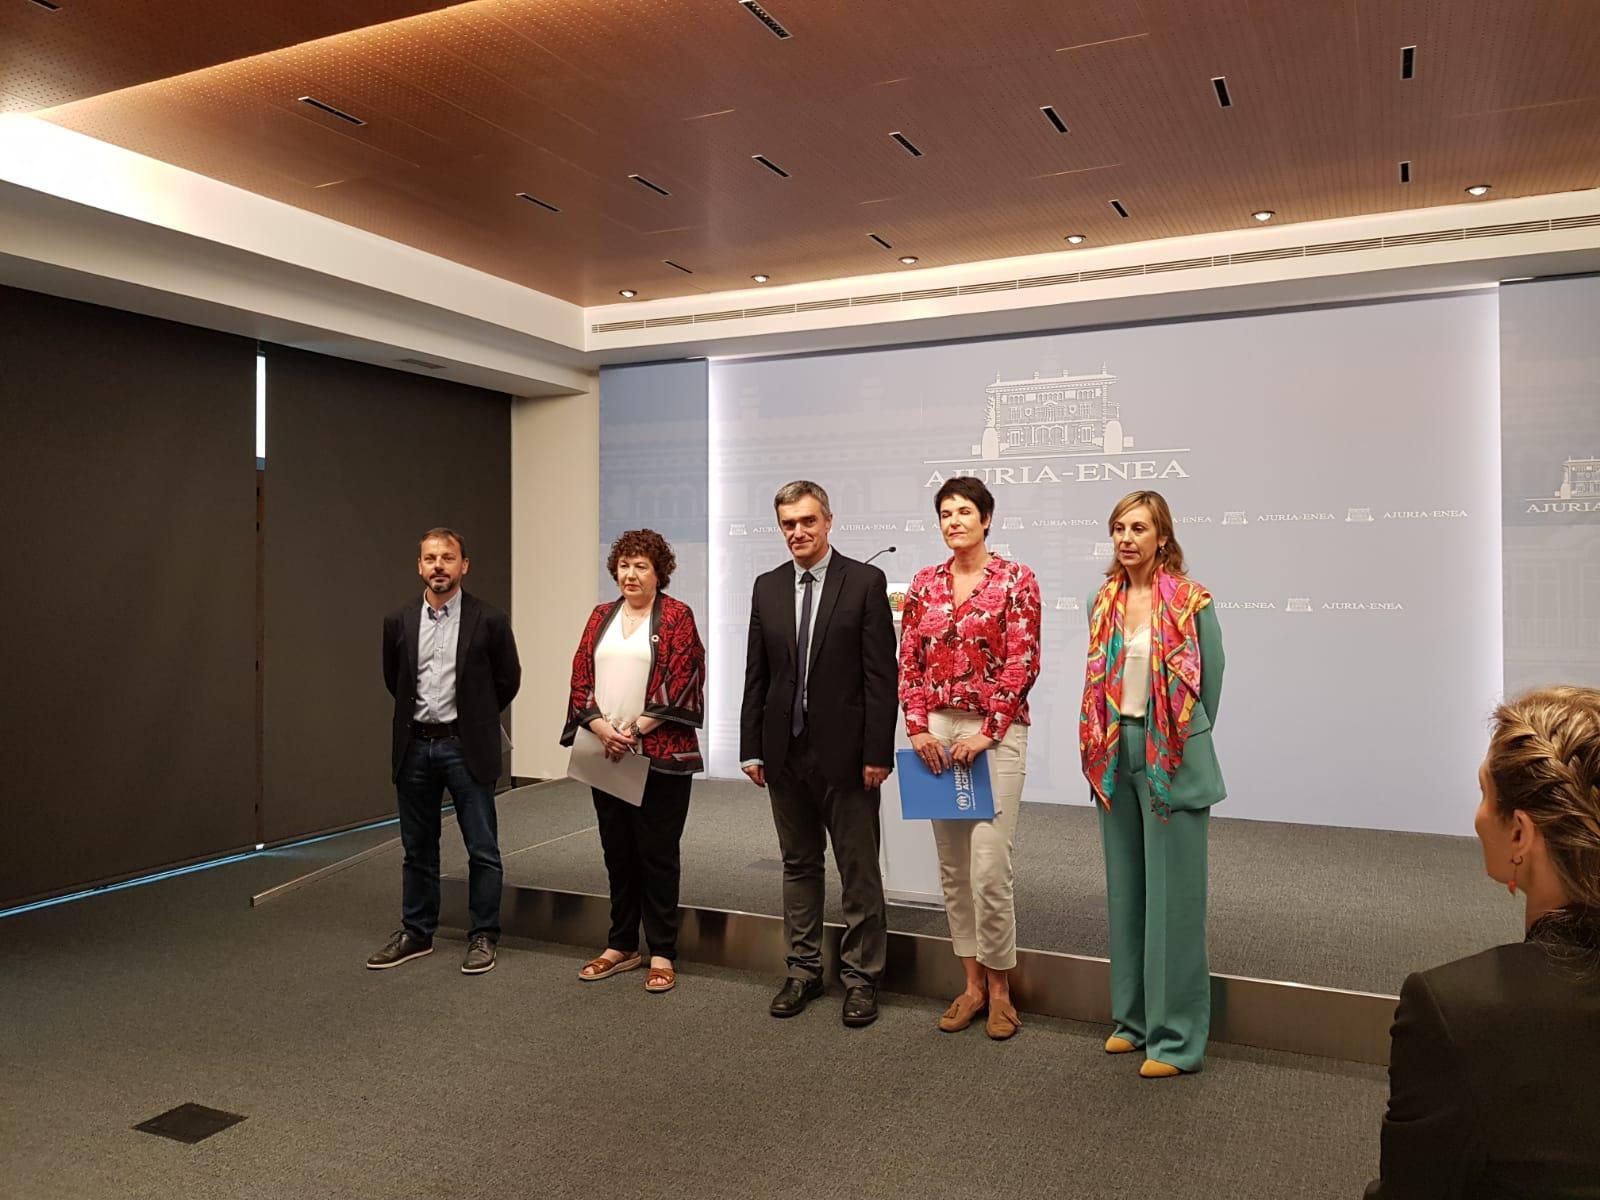 Eusko Jaurlaritzak, Espainiako Gobernuak, UHCRrek, Euskadiko Caritasek eta Euskal Herriko Jesuiten Plataformak hitzarmen bat sinatu dute errefuxiatuak hartzeko, Babes Komunitarioaren bidez